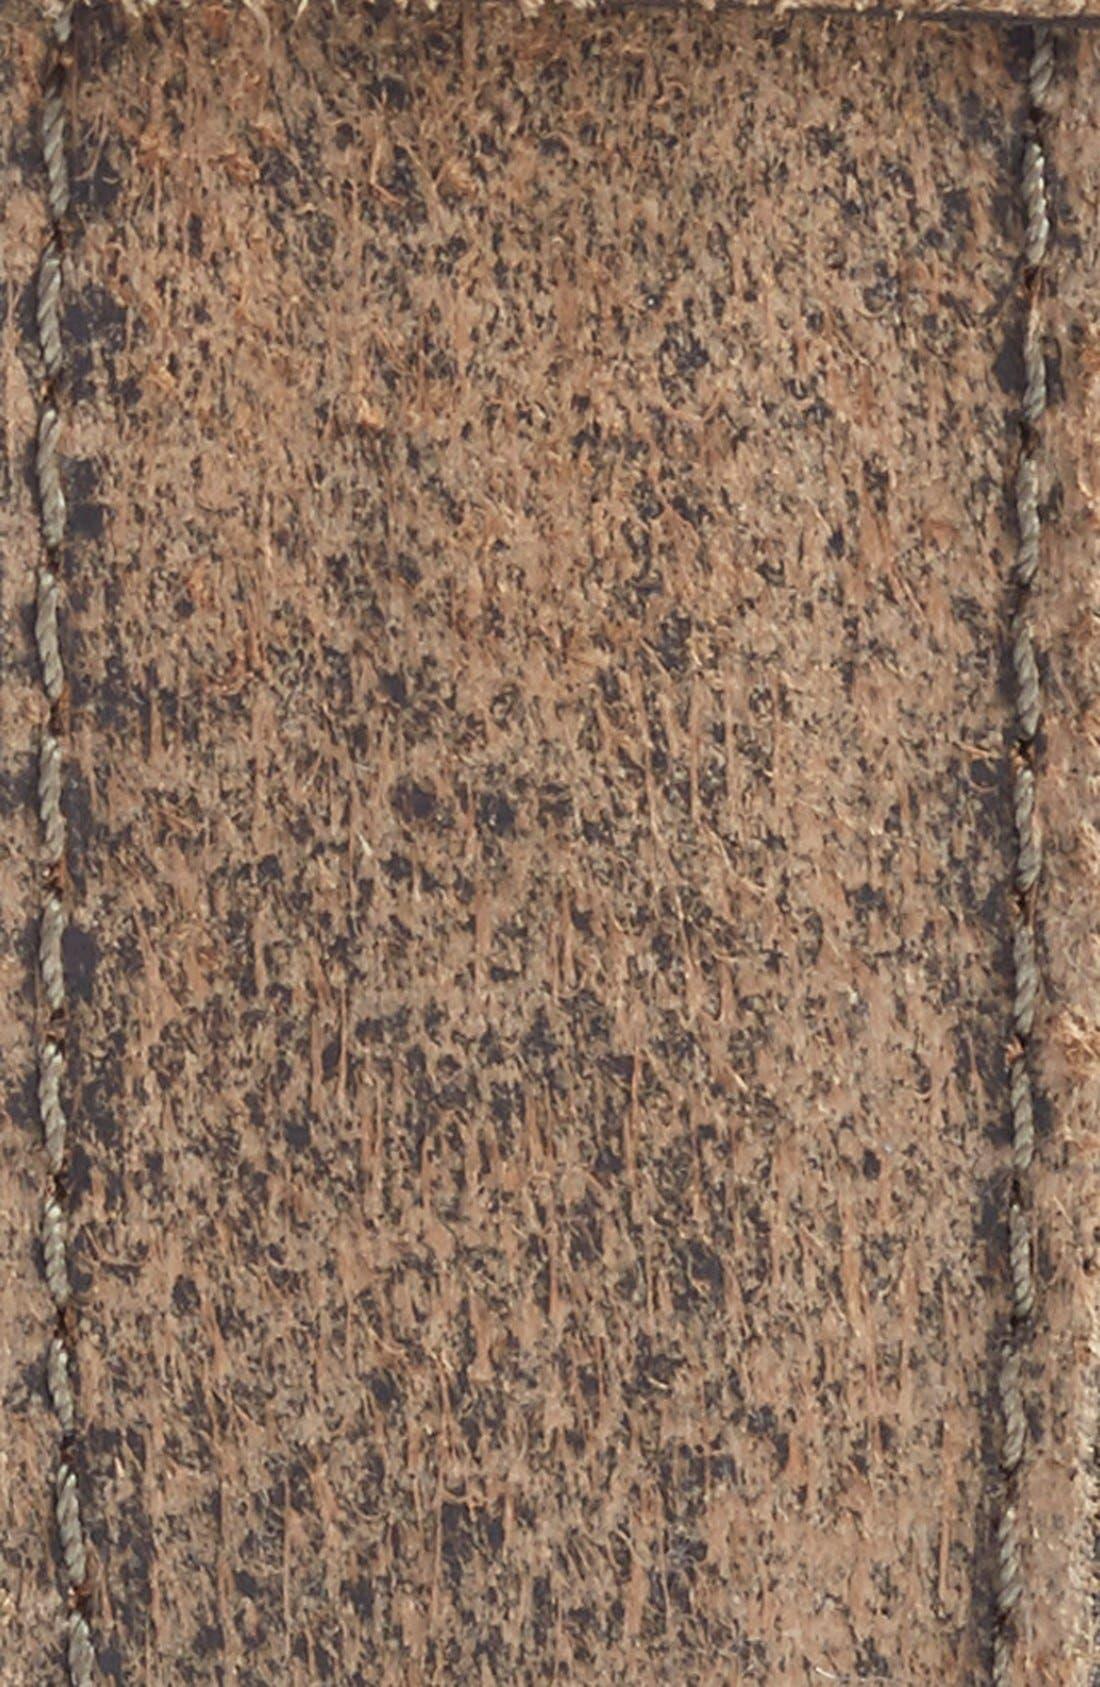 Sanded Leather Belt,                             Alternate thumbnail 2, color,                             281